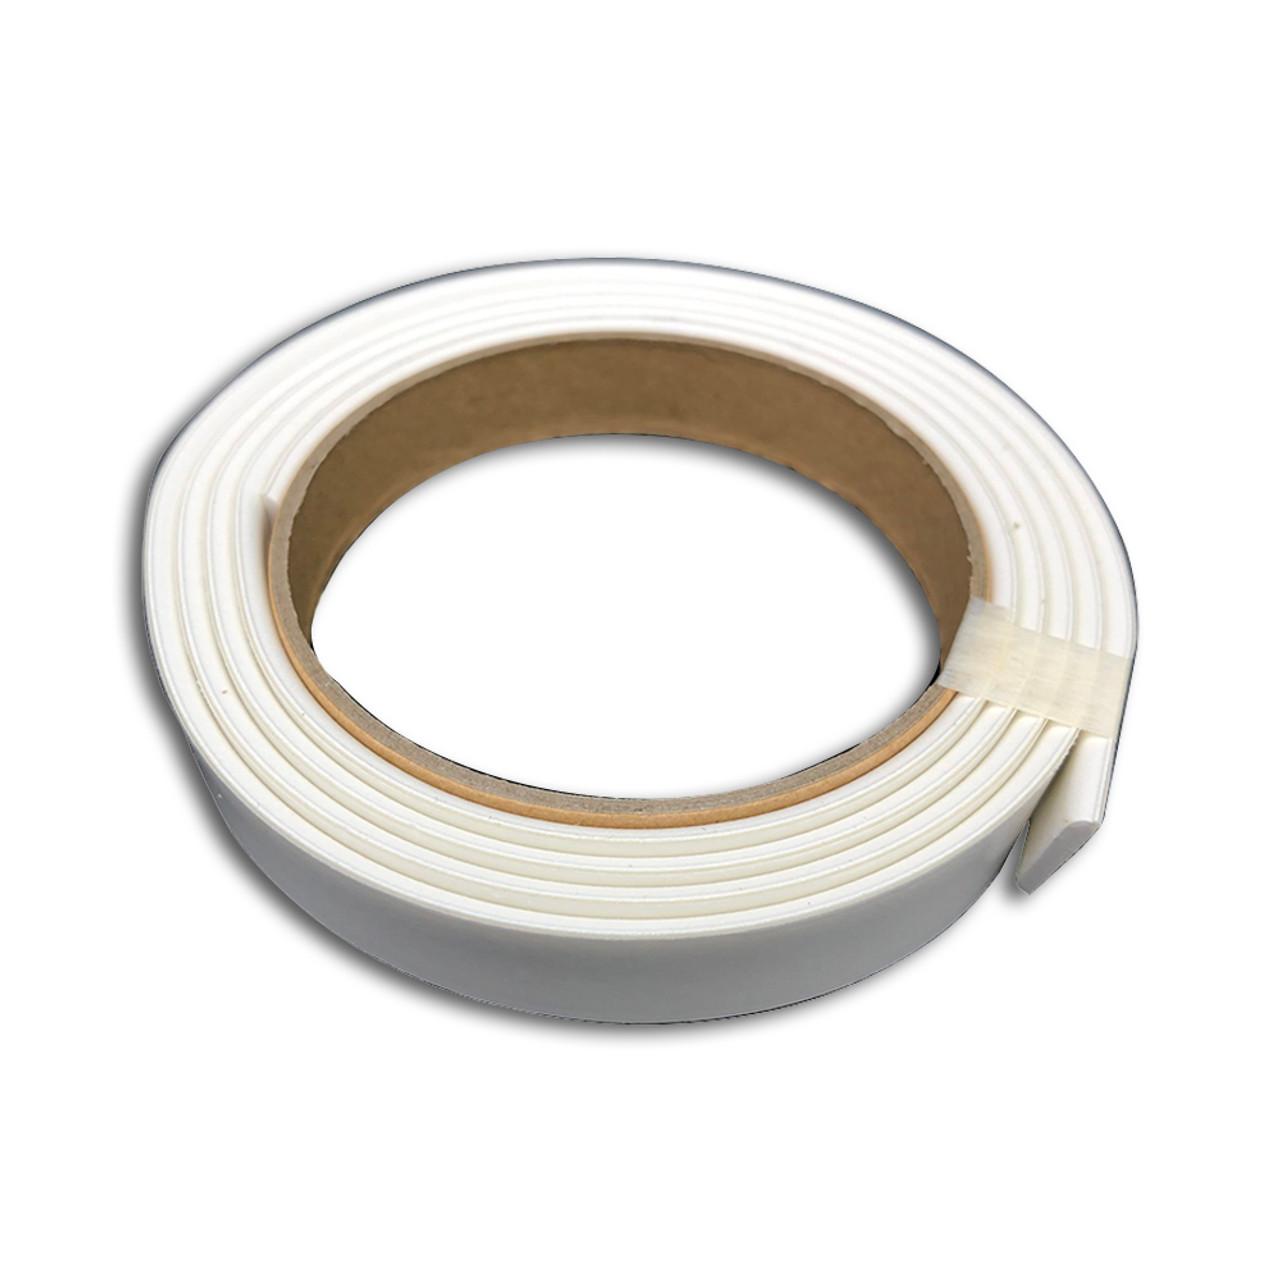 Wheel Opening Sealer Tape